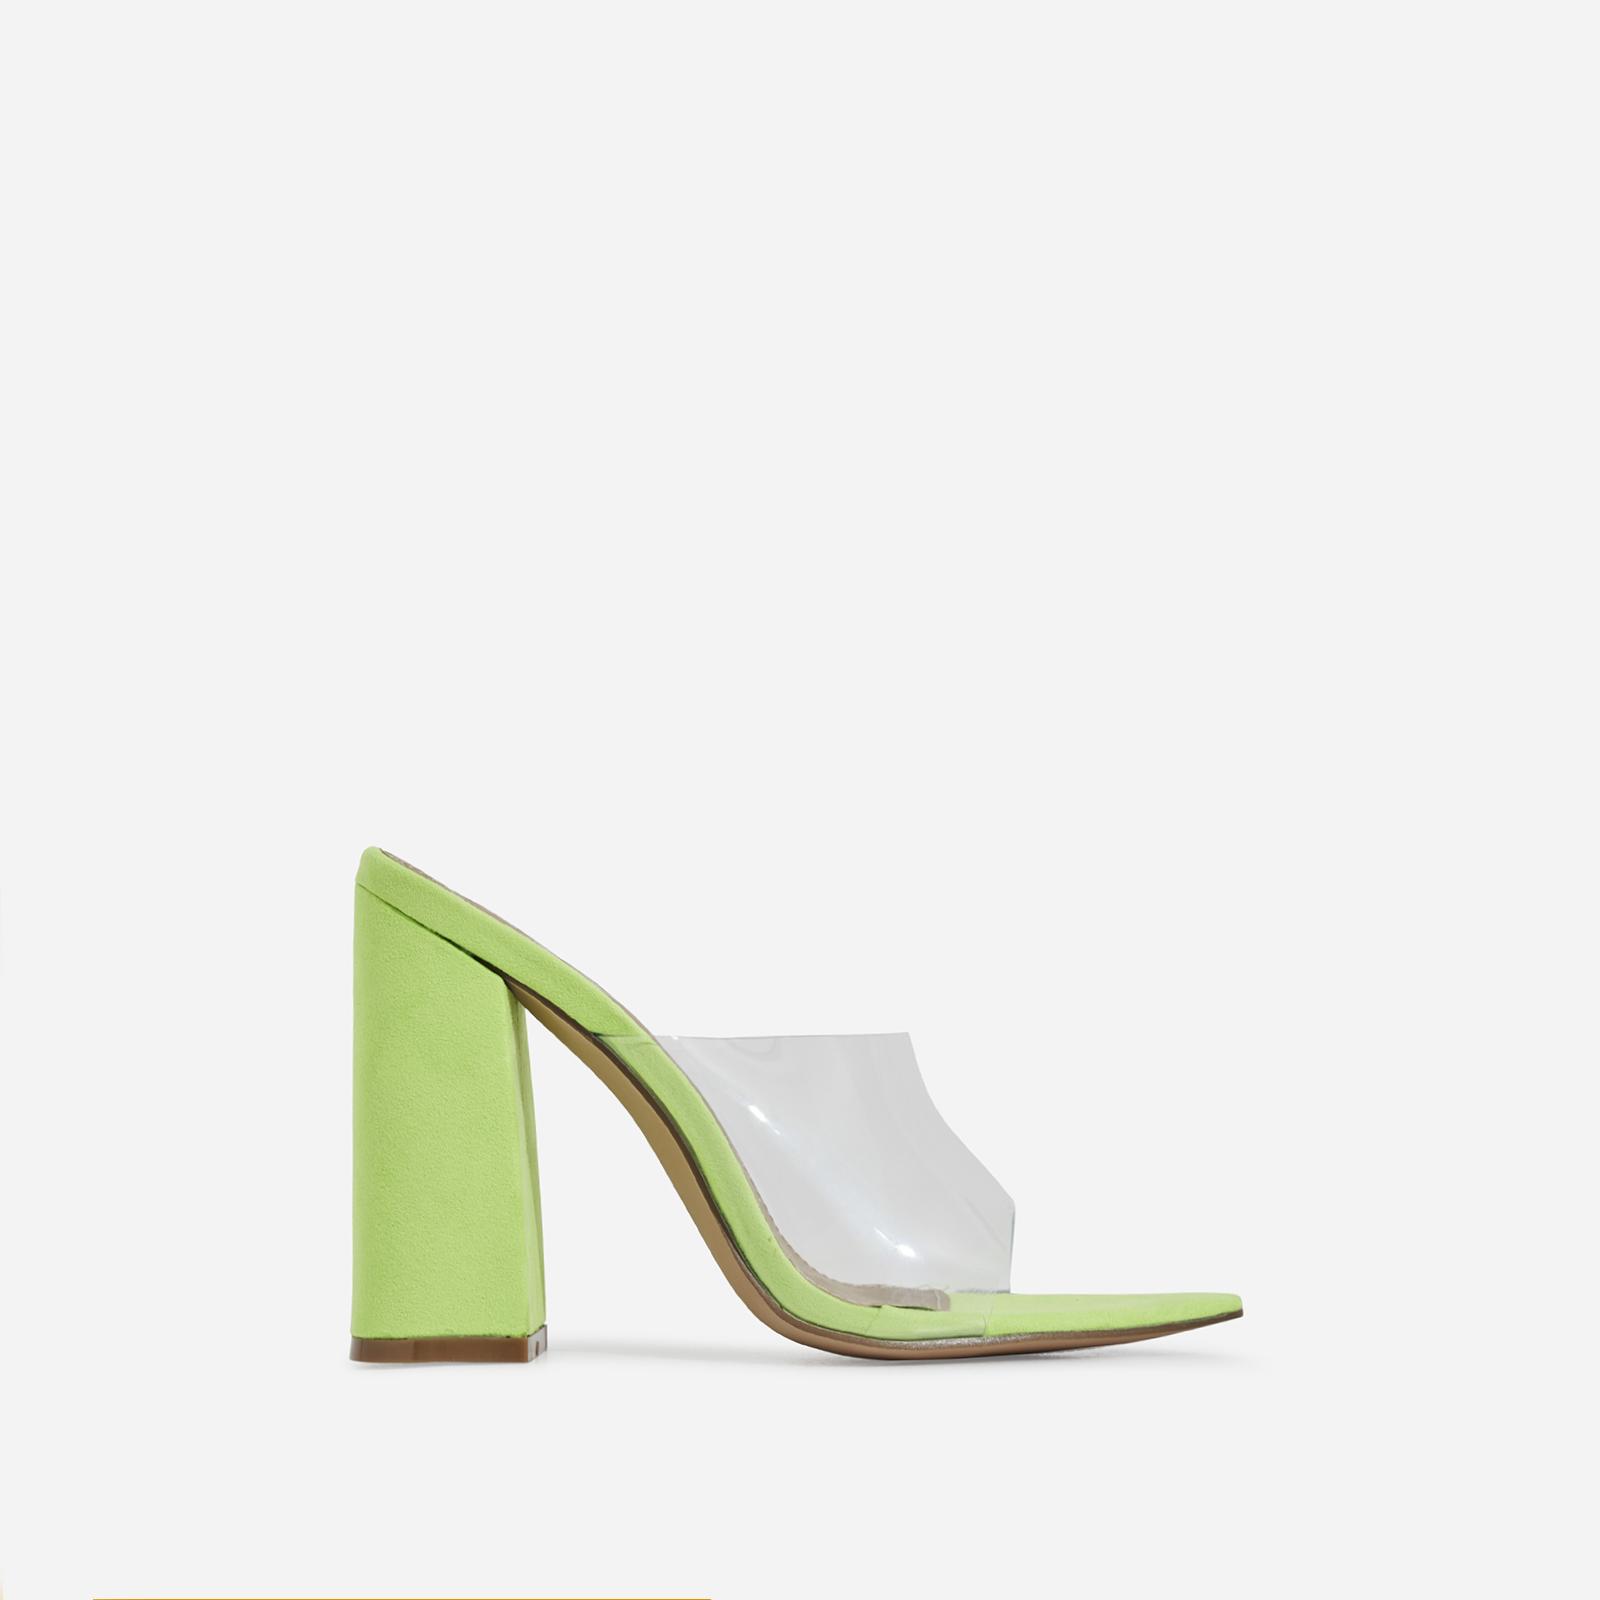 Kelby Pointed Peep Toe Block Heel Mule In Lime Green Faux Suede